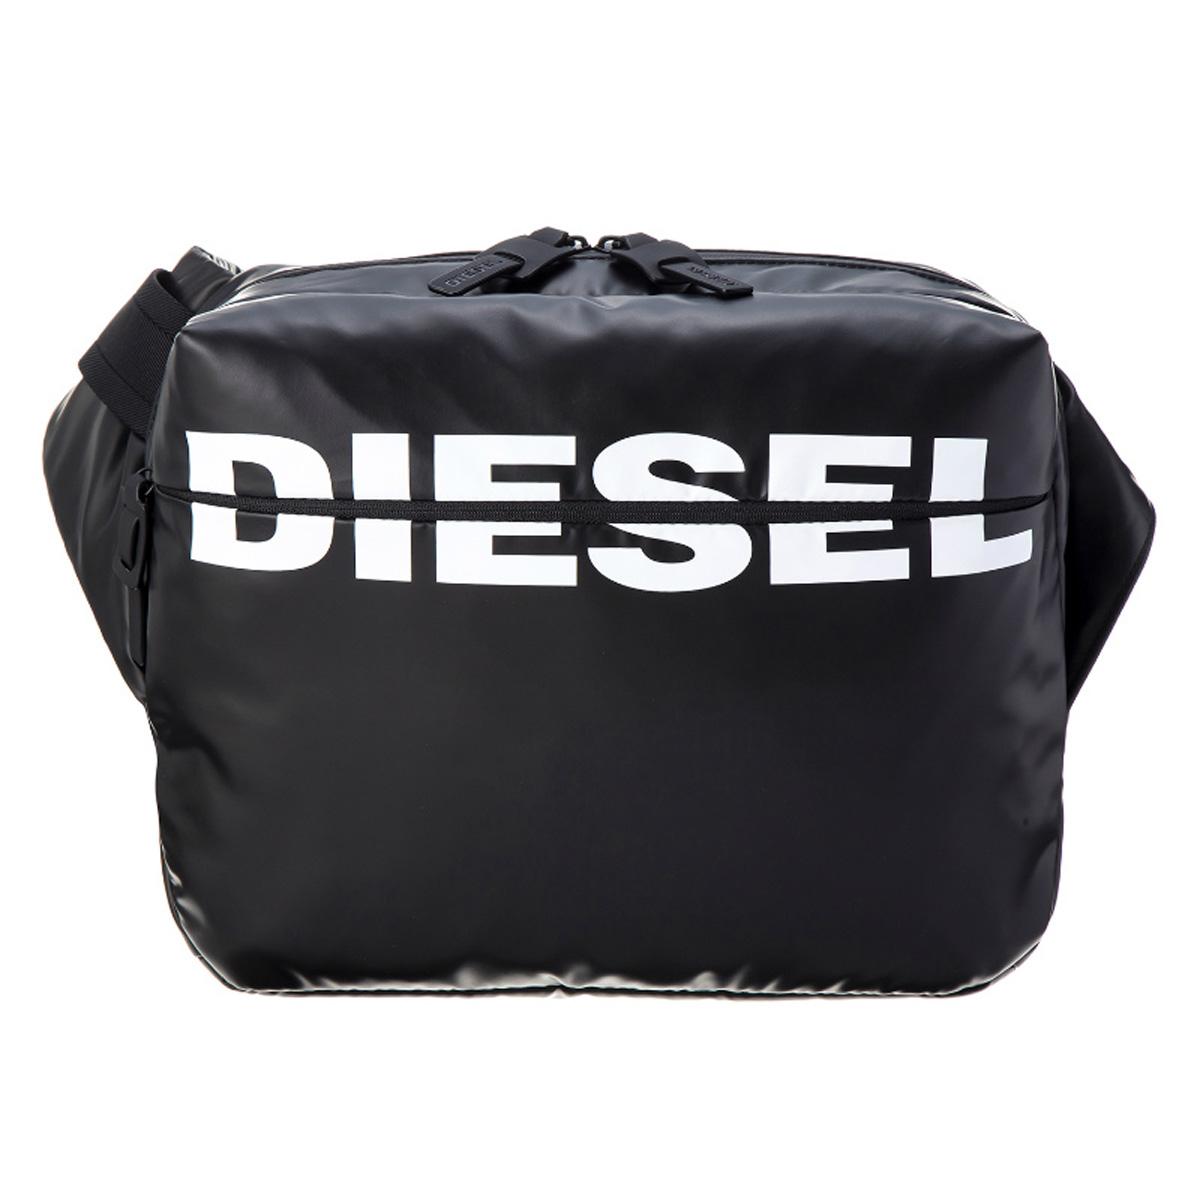 ディーゼル DIESEL バッグ X05476 P1705 T8013 F-BOLD CROSS 斜めがけバッグ ショルダーバッグ ワンショルダー ボディバッグ BLACK ブラック